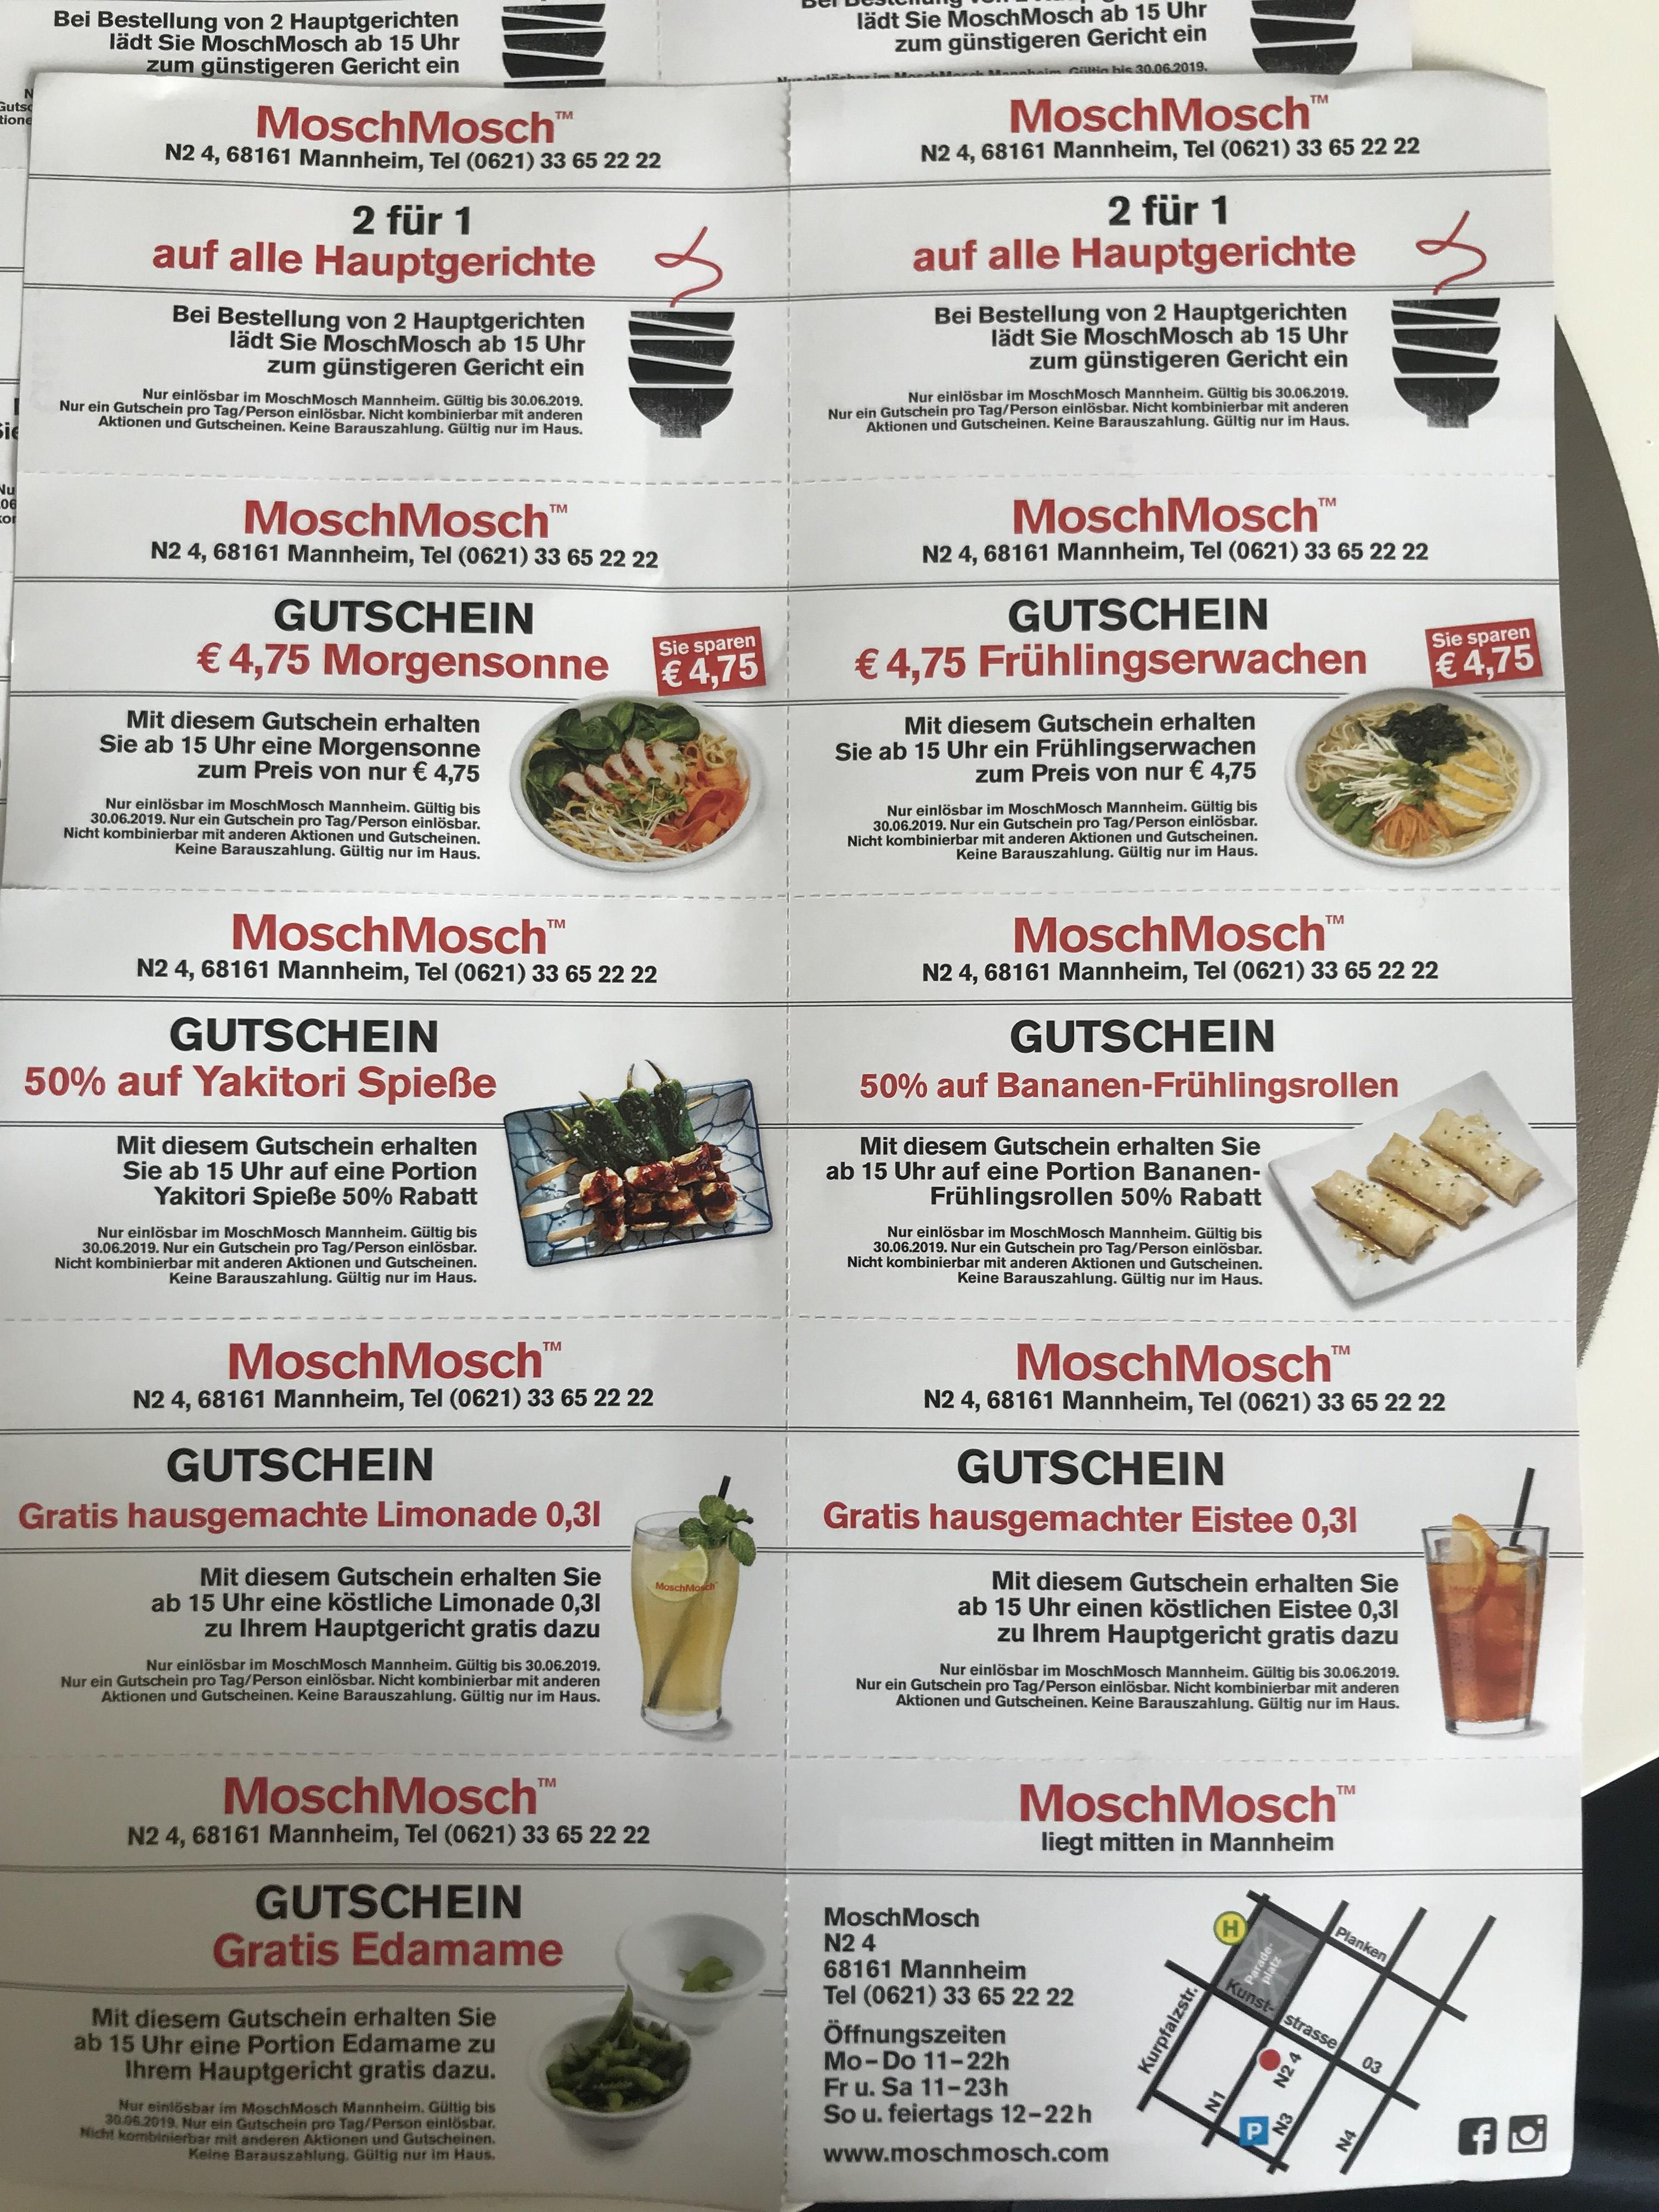 MoschMosch Mannheim Gutscheine